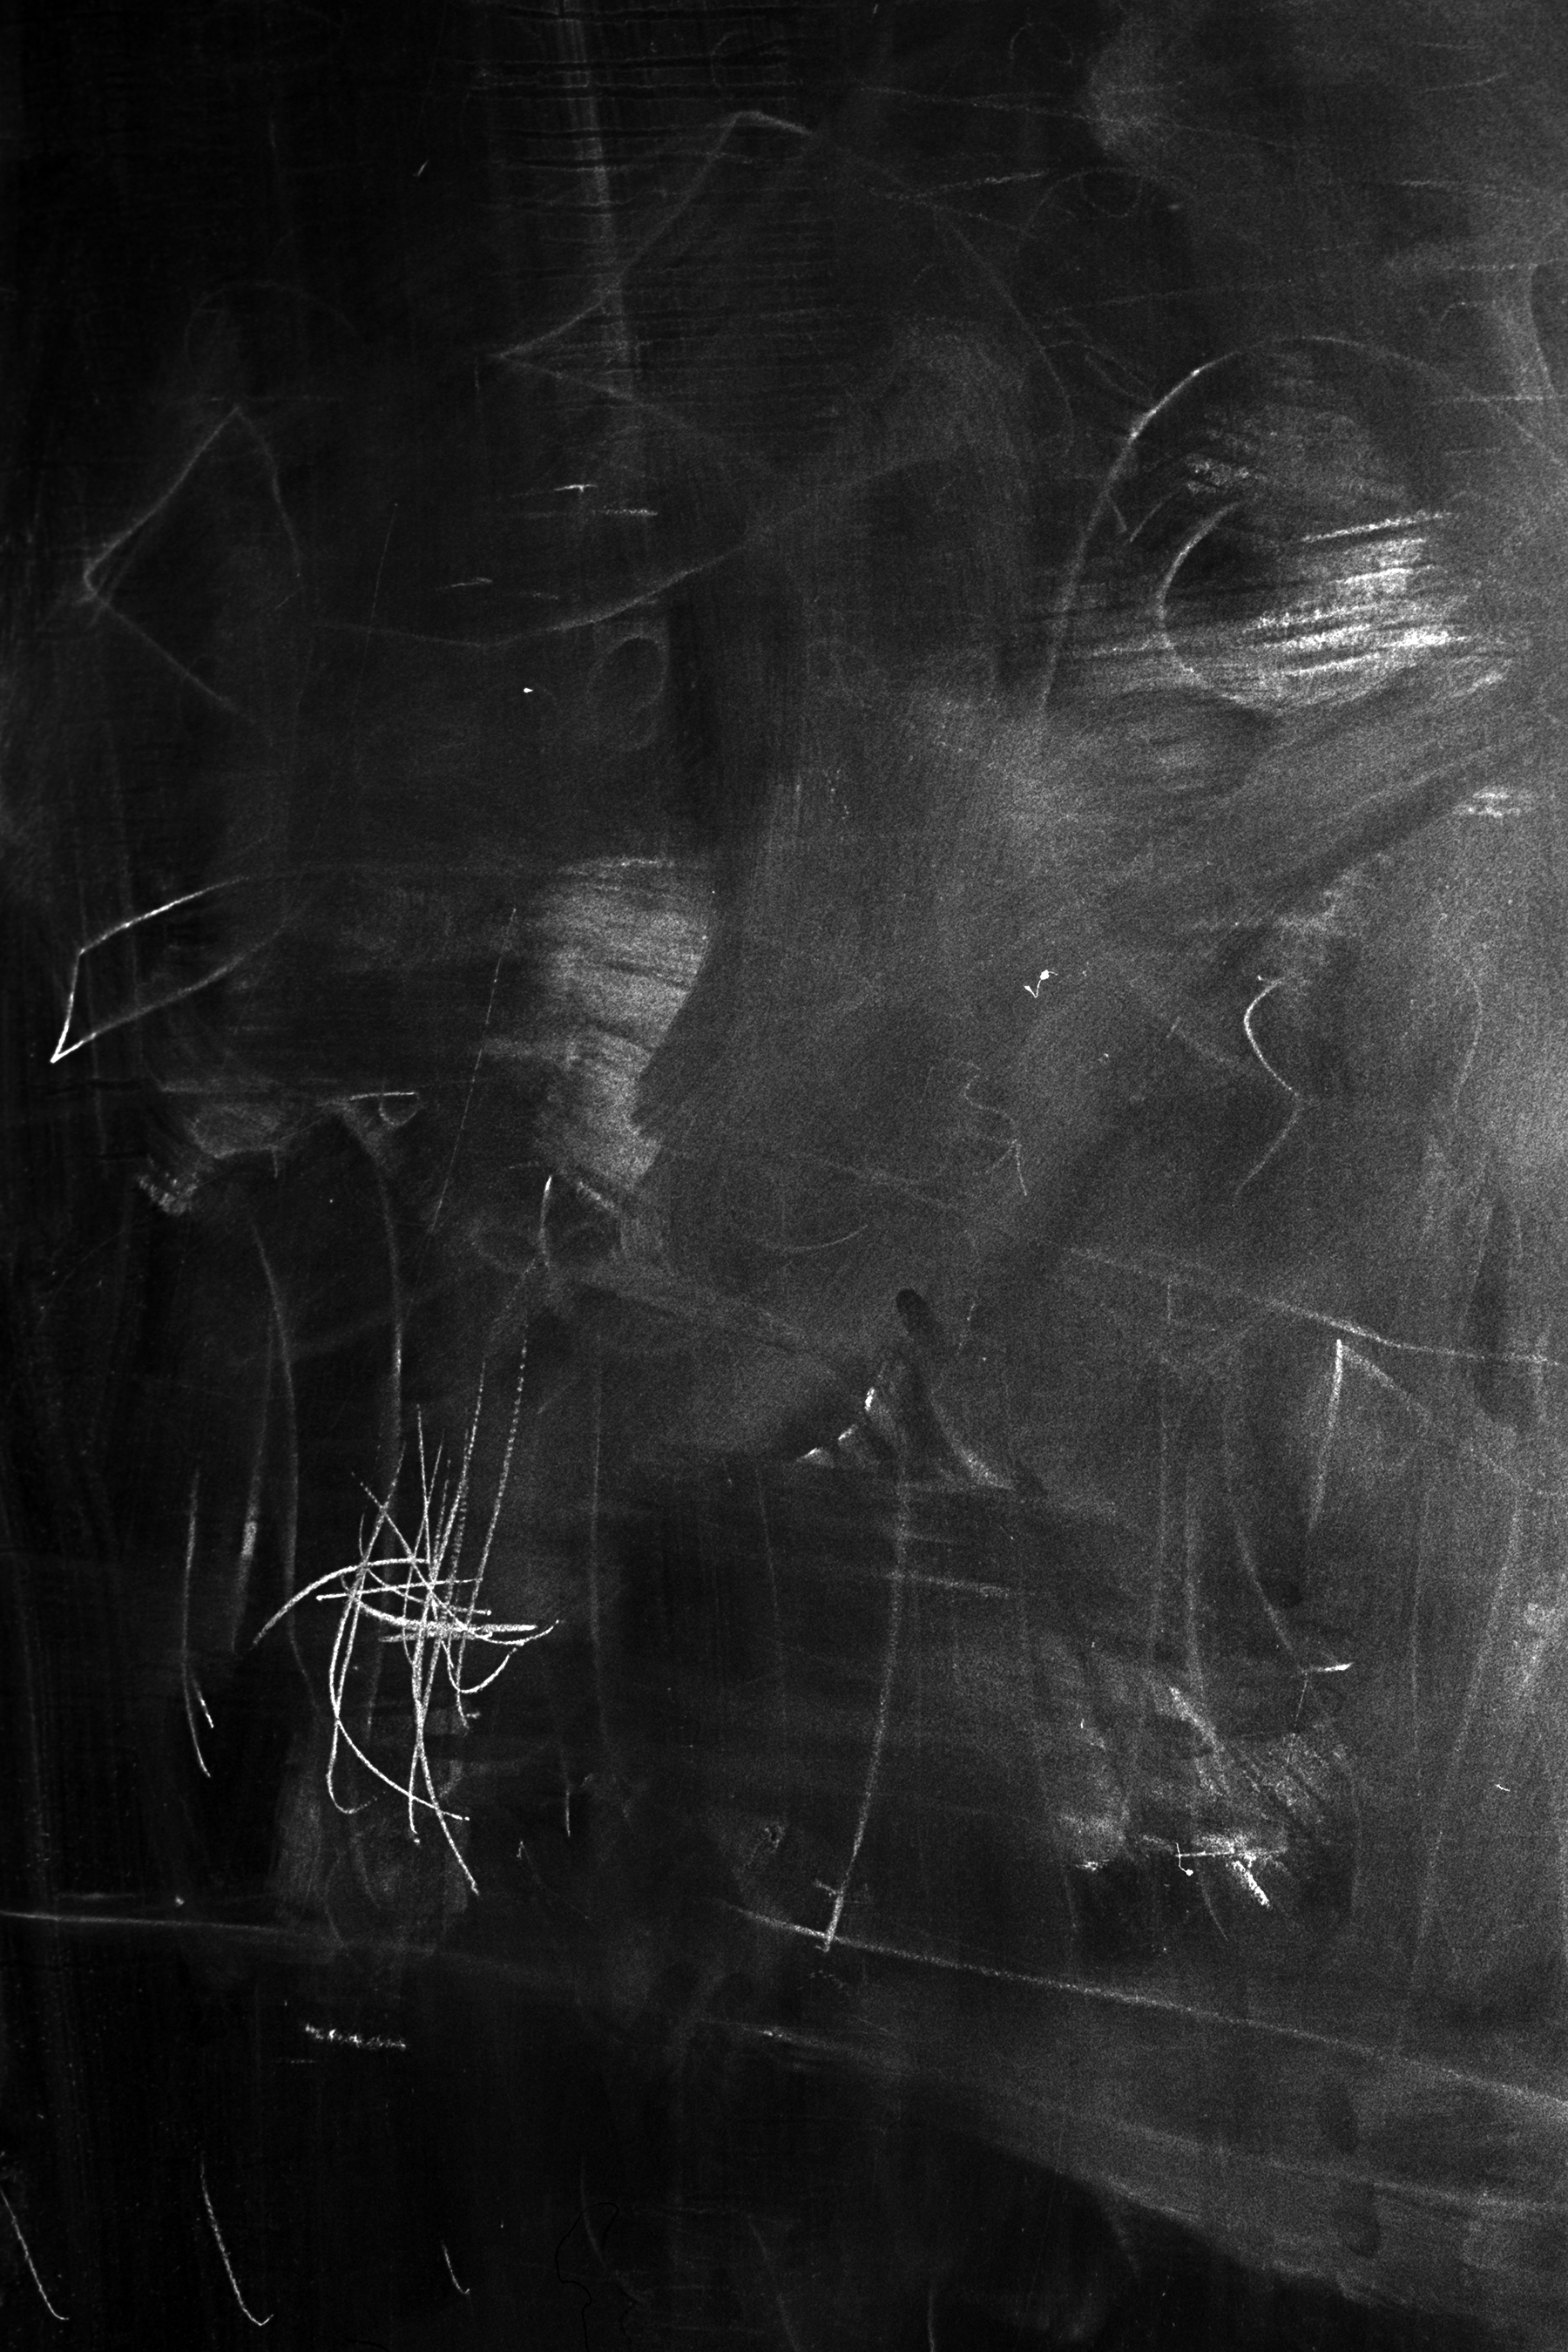 chalkbord2.jpg